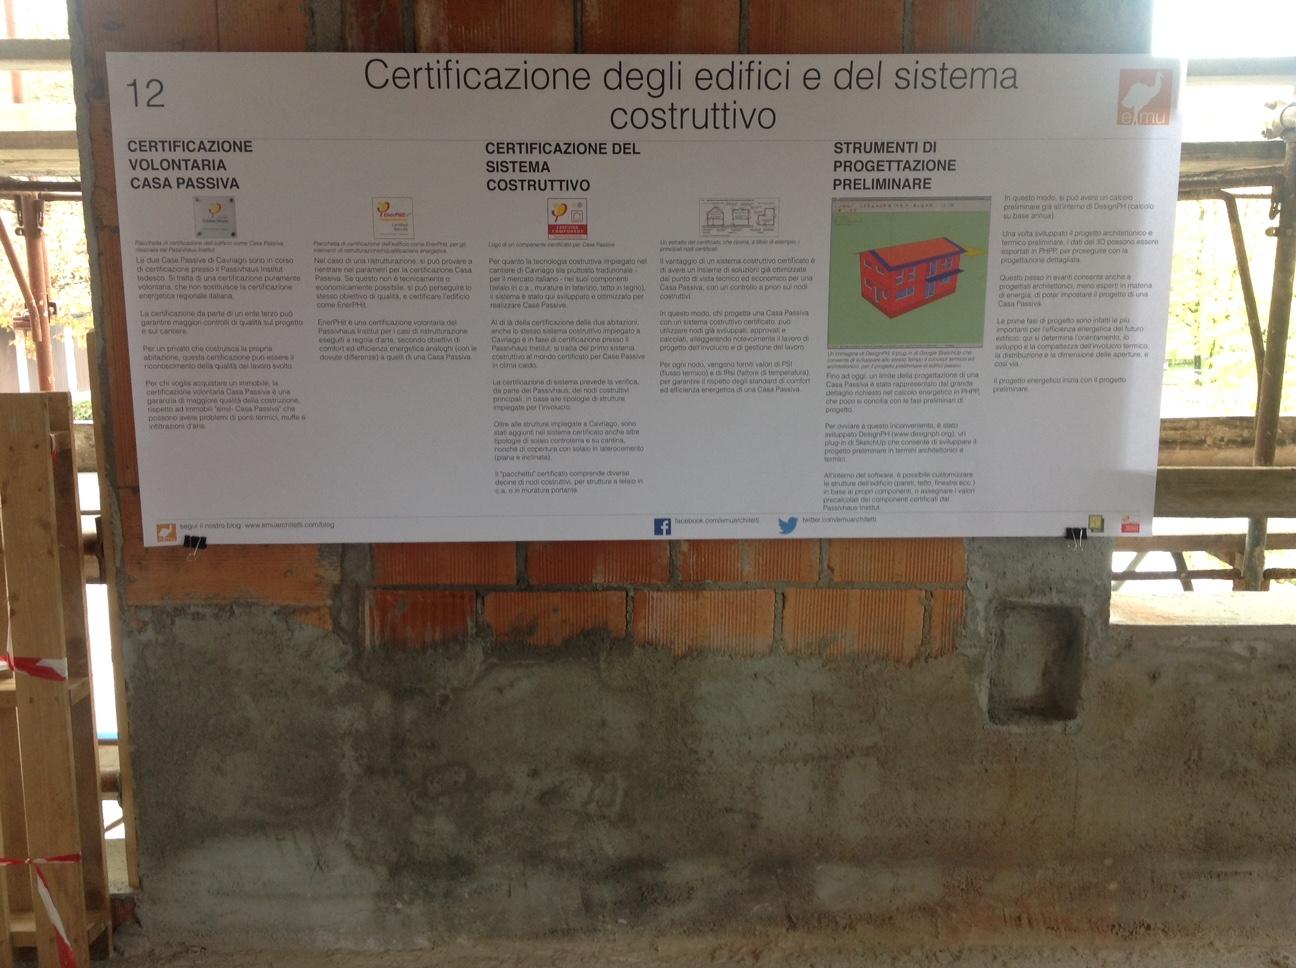 12 - Certificazione